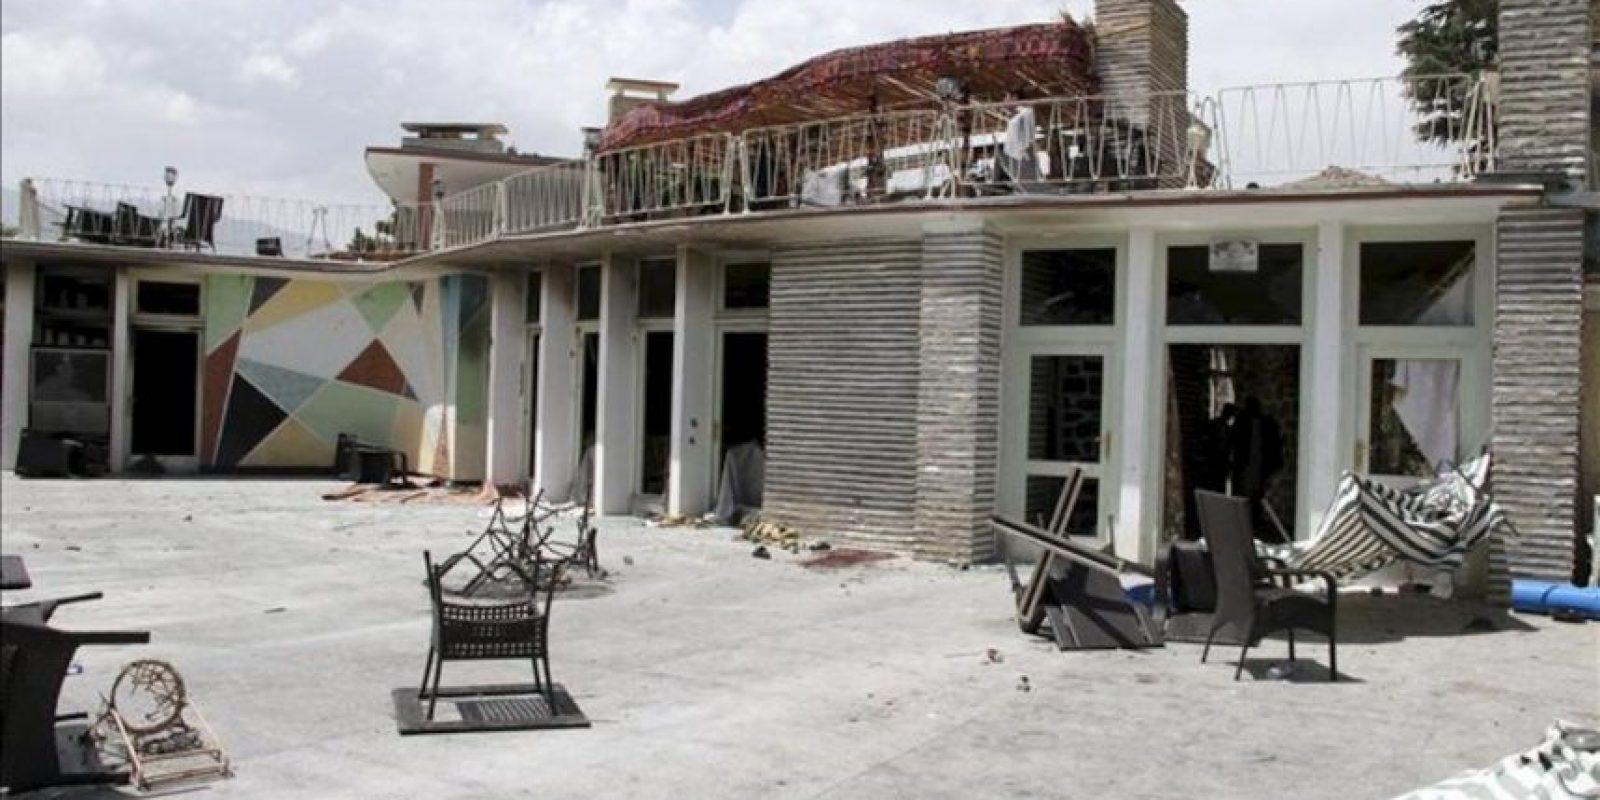 Estado en el que ha quedado un hotel, tras el atentado terrorista talibán, en las afueras de Kabul, Afganistán hoy, viernes 22 de junio de 2012. EFE